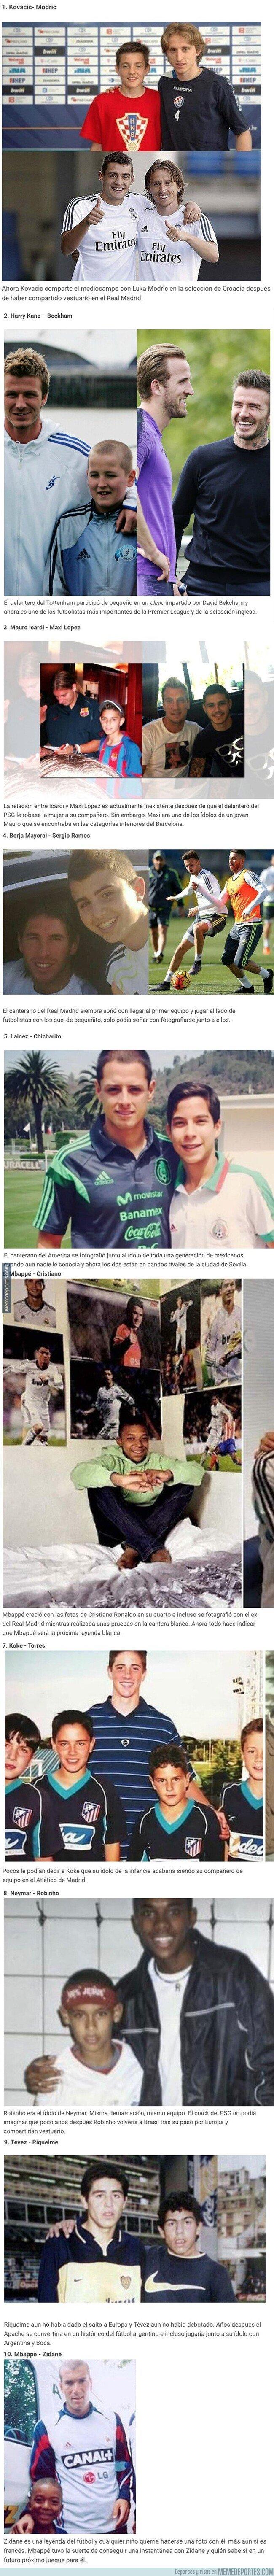 1092003 - 10 jugadores que se fotografiaron con sus ídolos de pequeños y lograron ser estrellas del fútbol